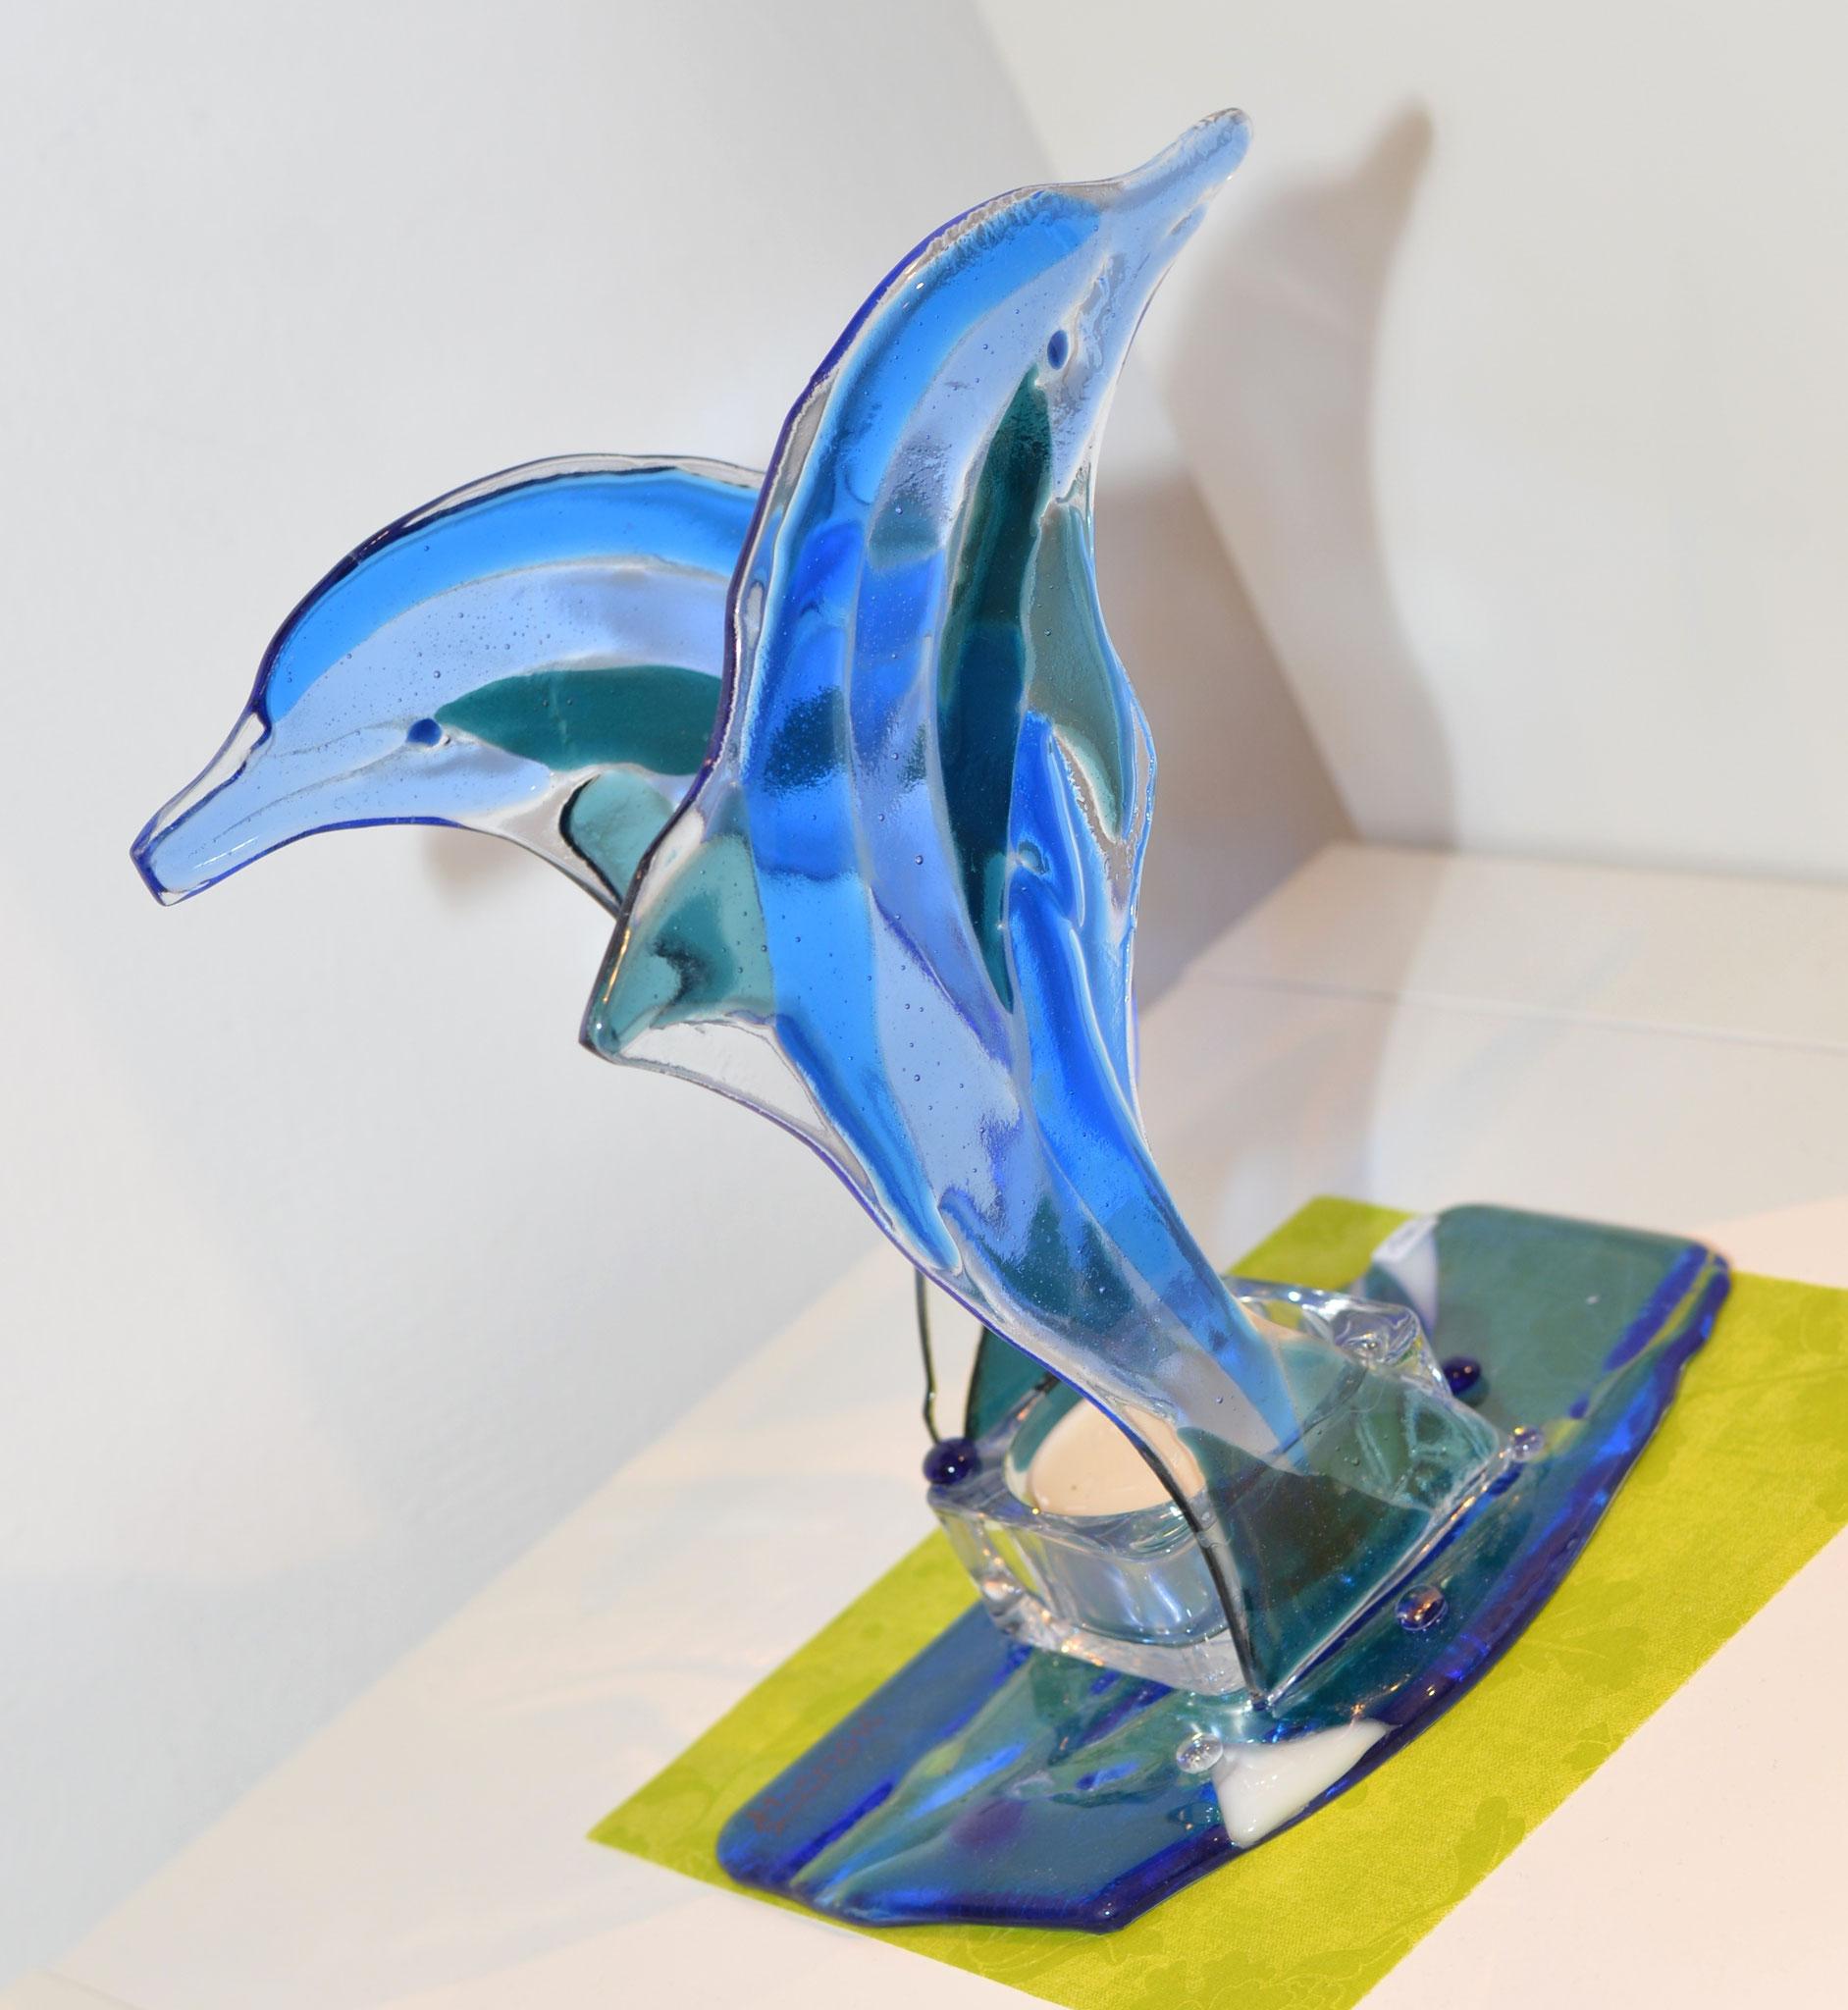 Delphin-Skulptur in Glasfusion-Technik von Martin Suritsch